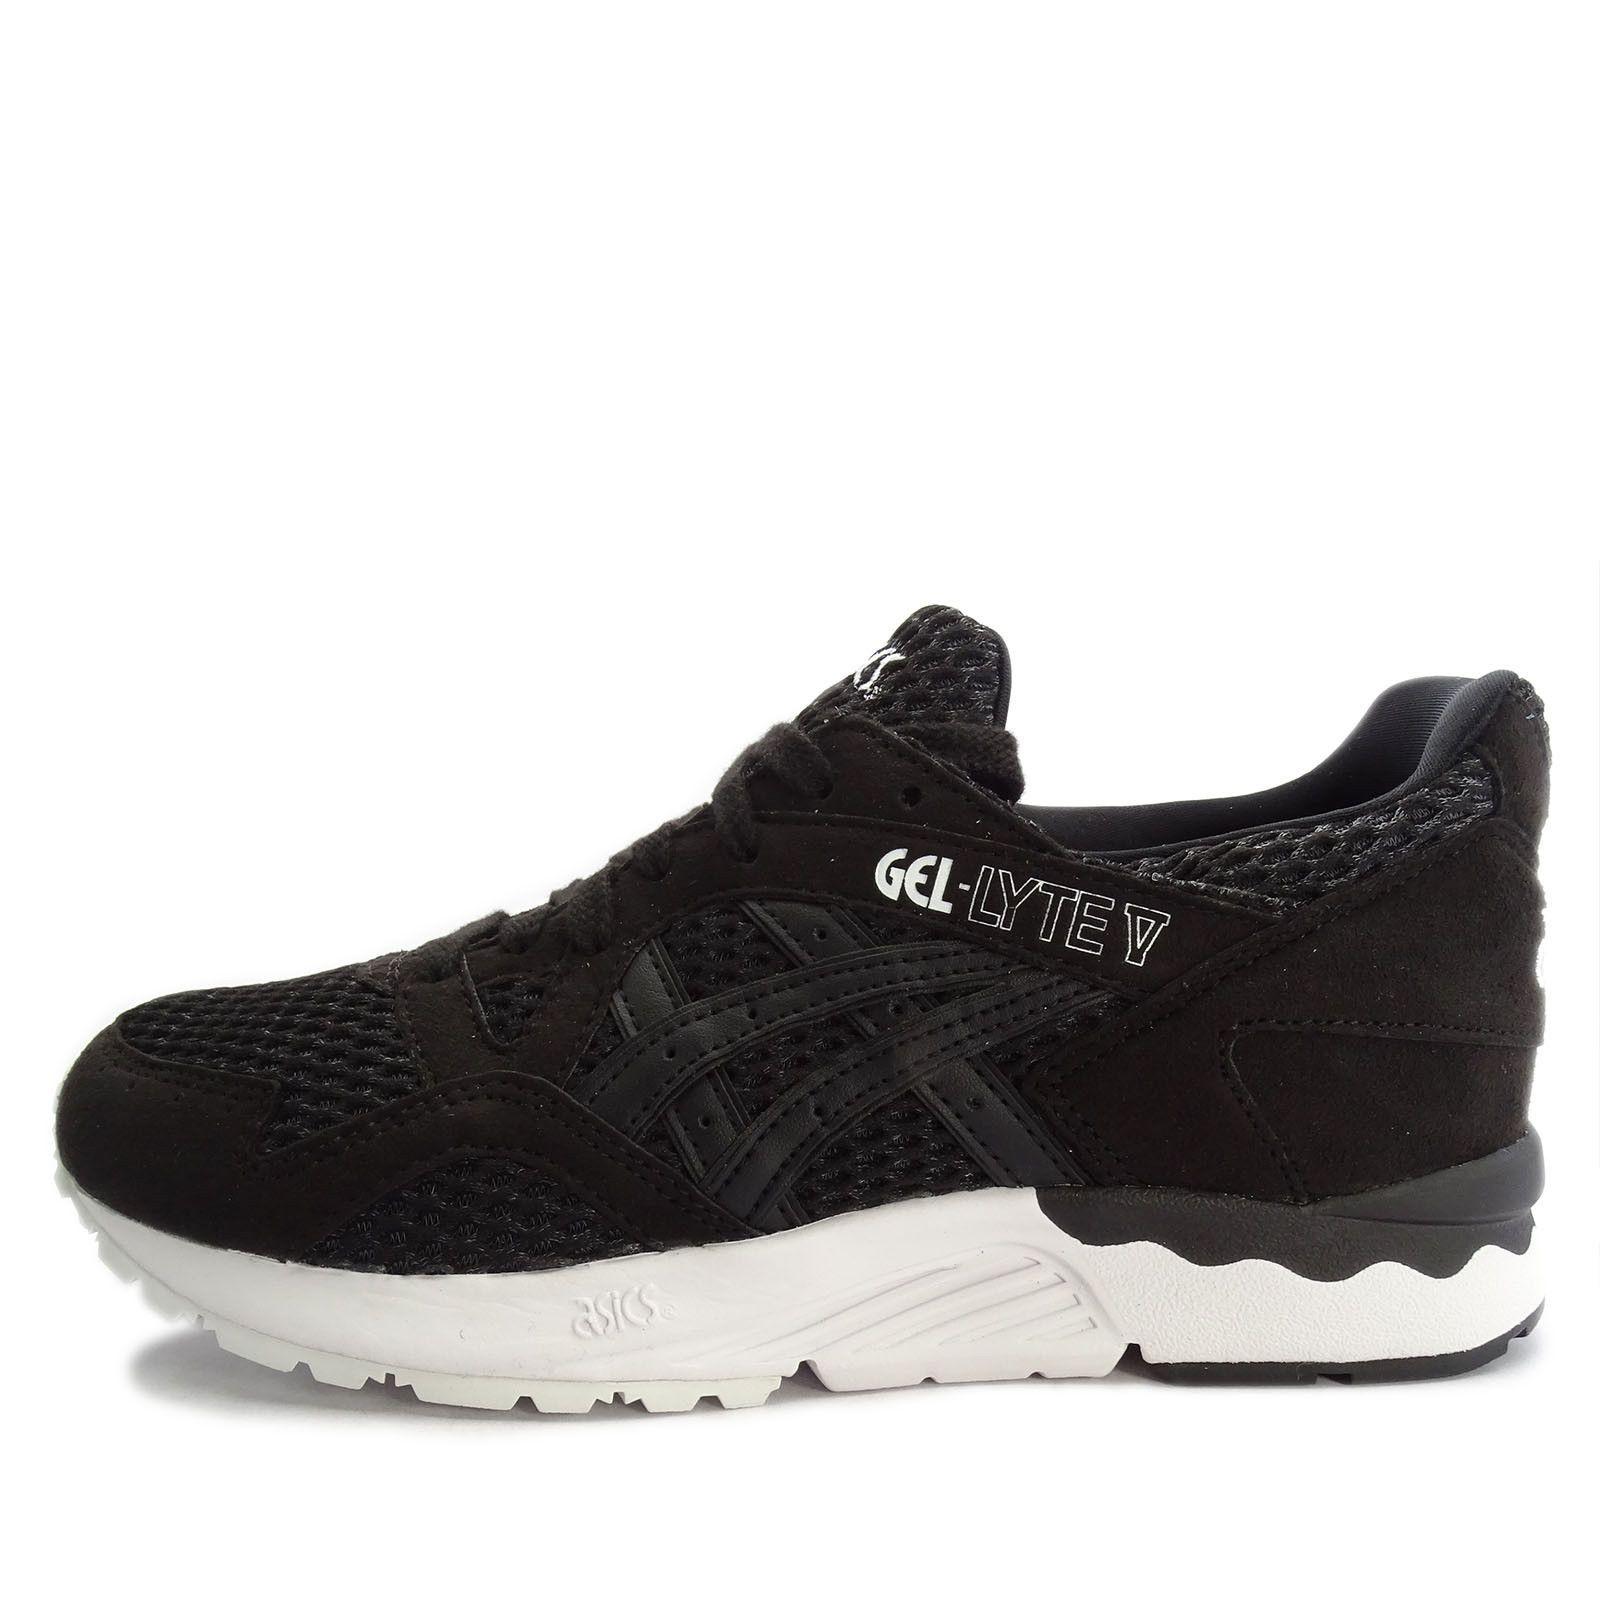 online retailer 2036f 62841 Asics Tiger GEL-Lyte V  H7K2N-9090  Men Casual Shoes Black